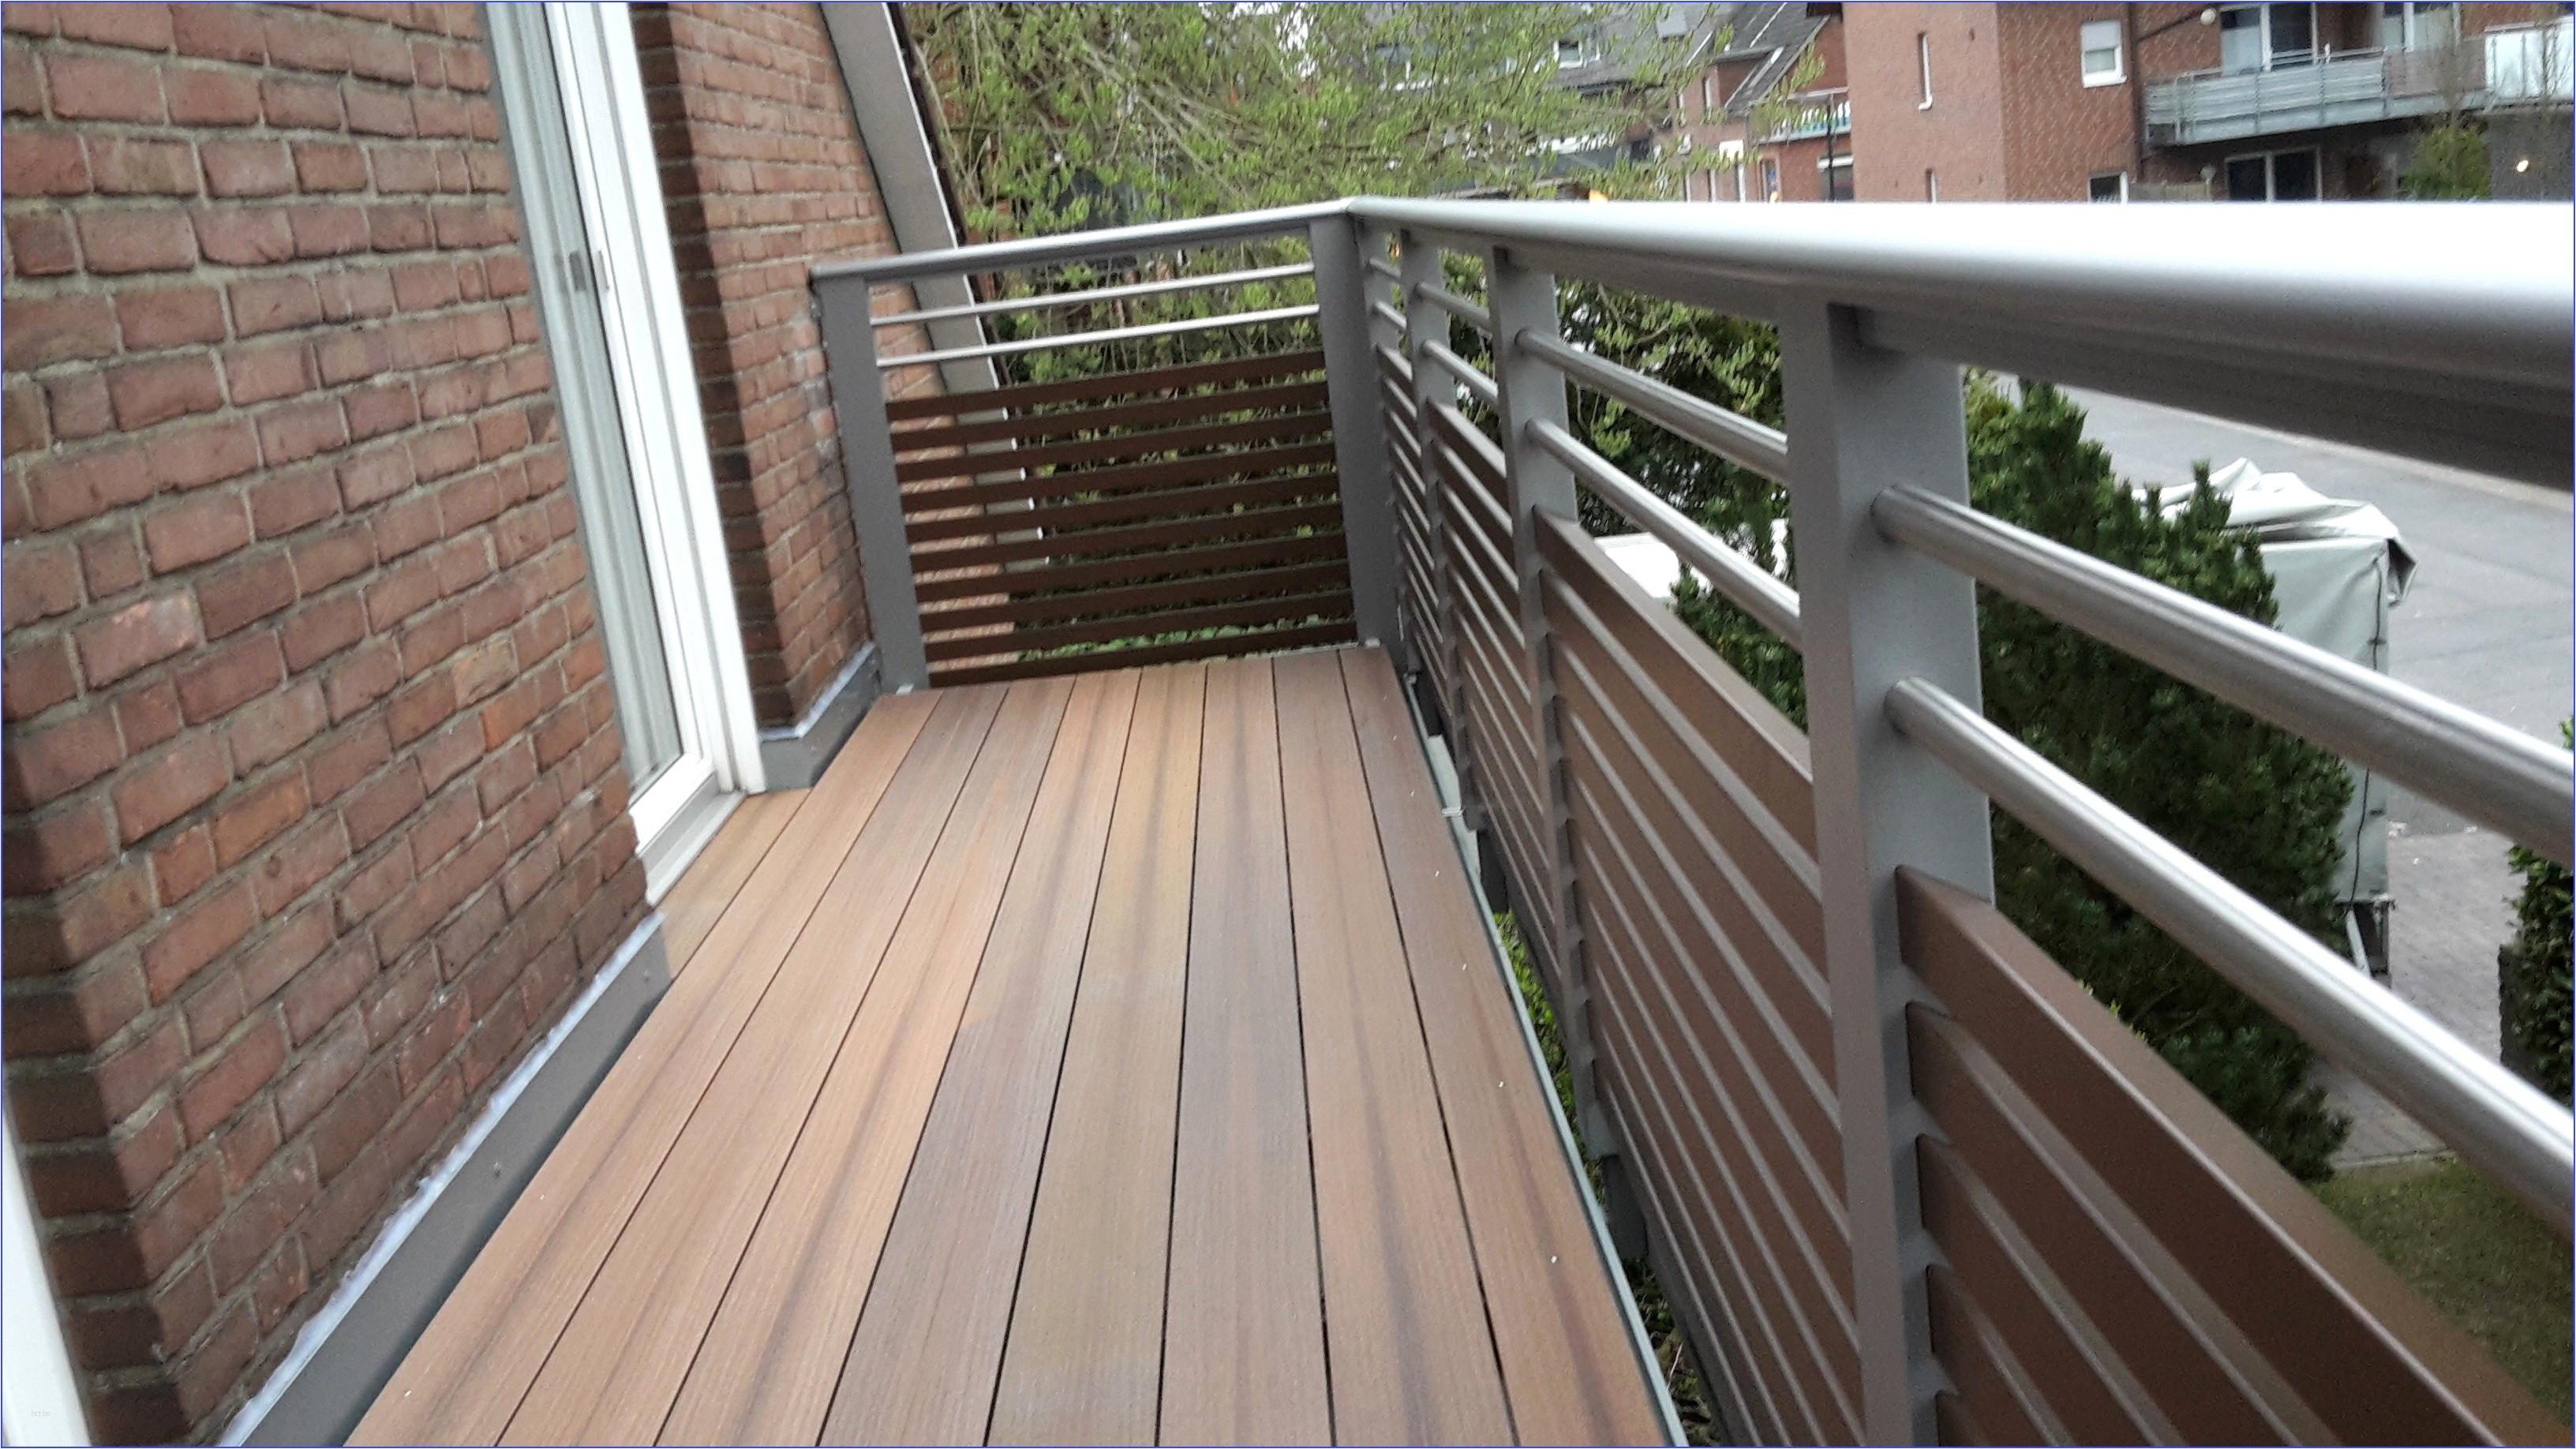 Fußbodenbelag Balkon ~ Ikea runnen decking reviews balkon bodenbelag baby